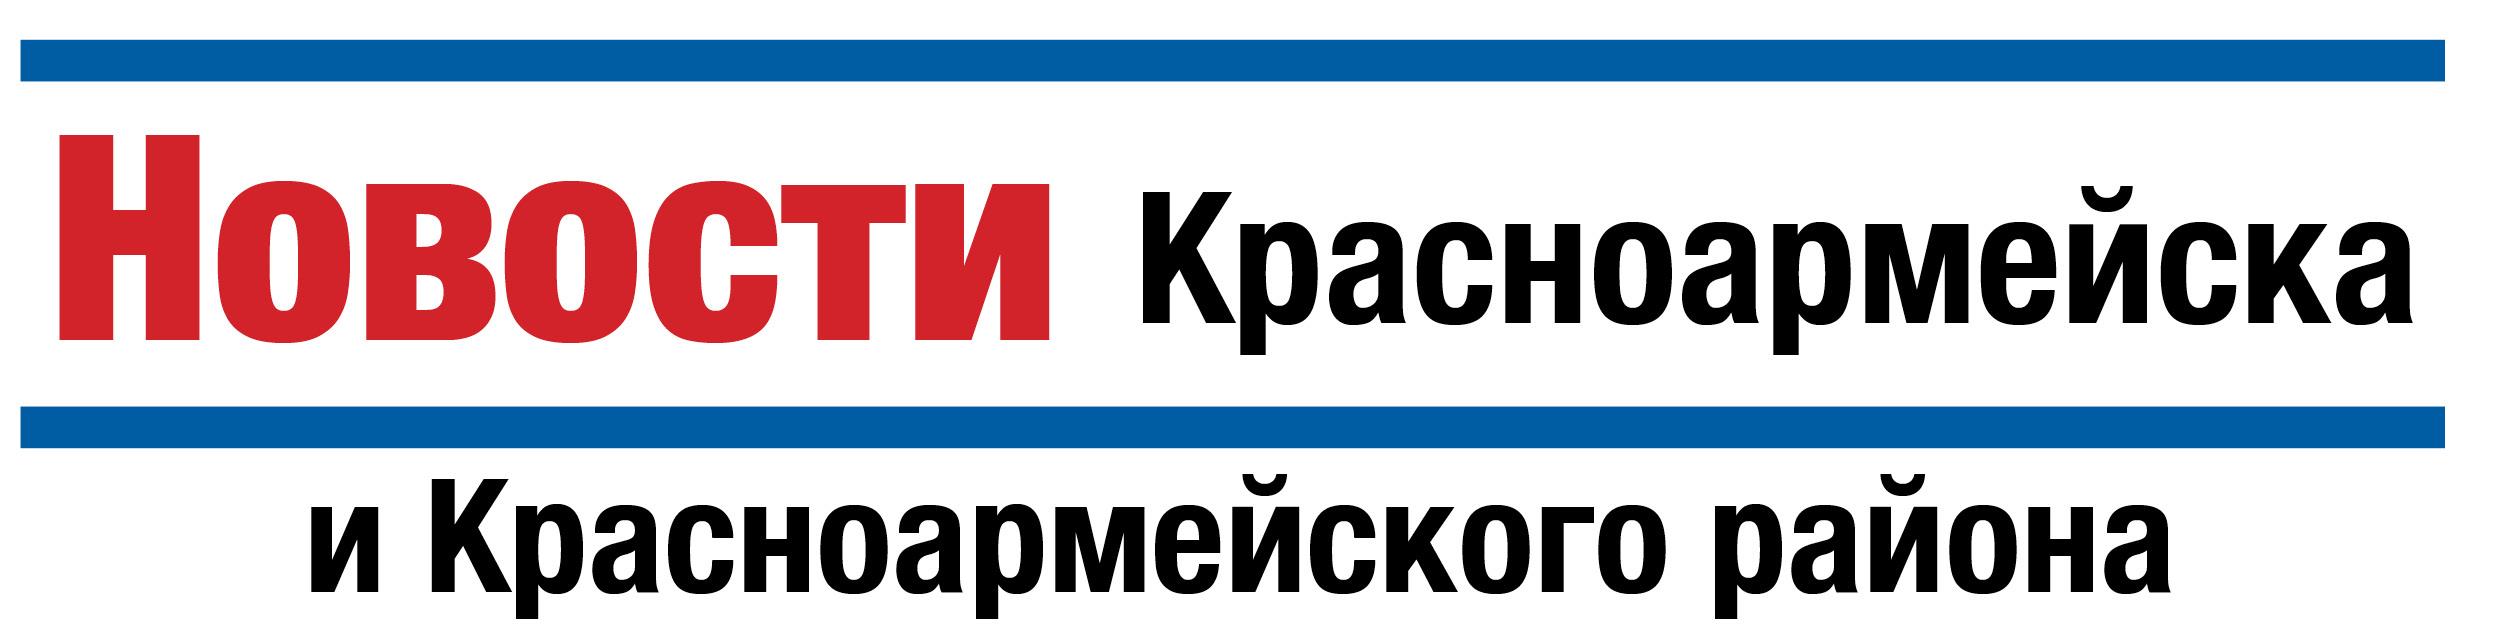 Налоговая инспекция ФНС России №1 по Краснодару от CofranceSARL